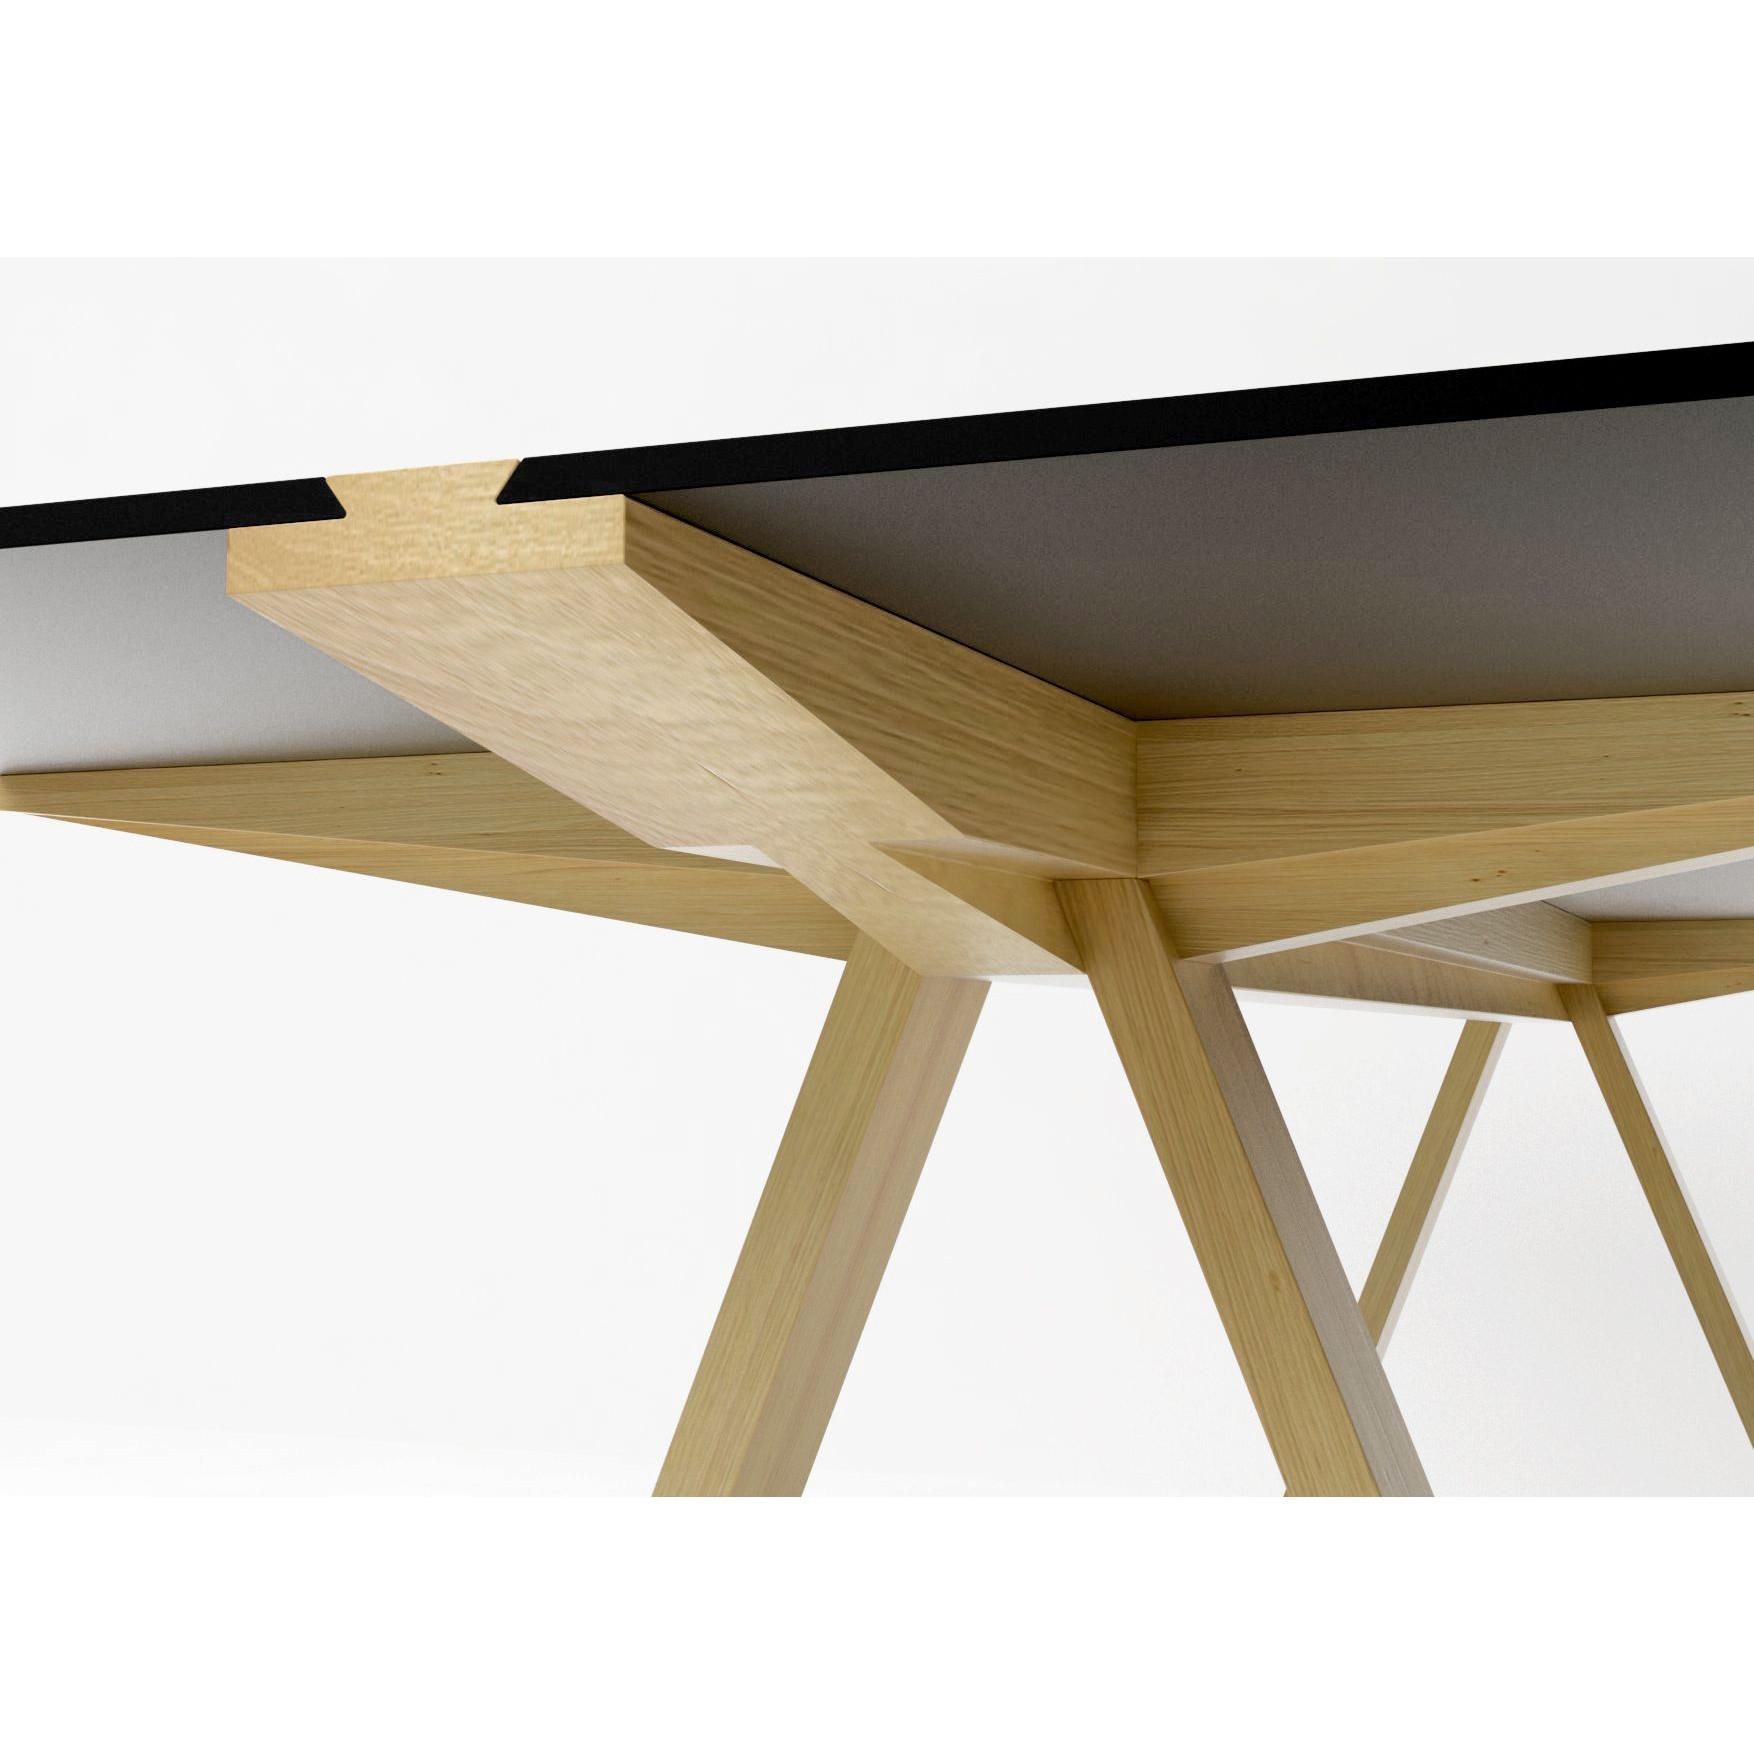 Traversovetro-Tisch - Schwarz